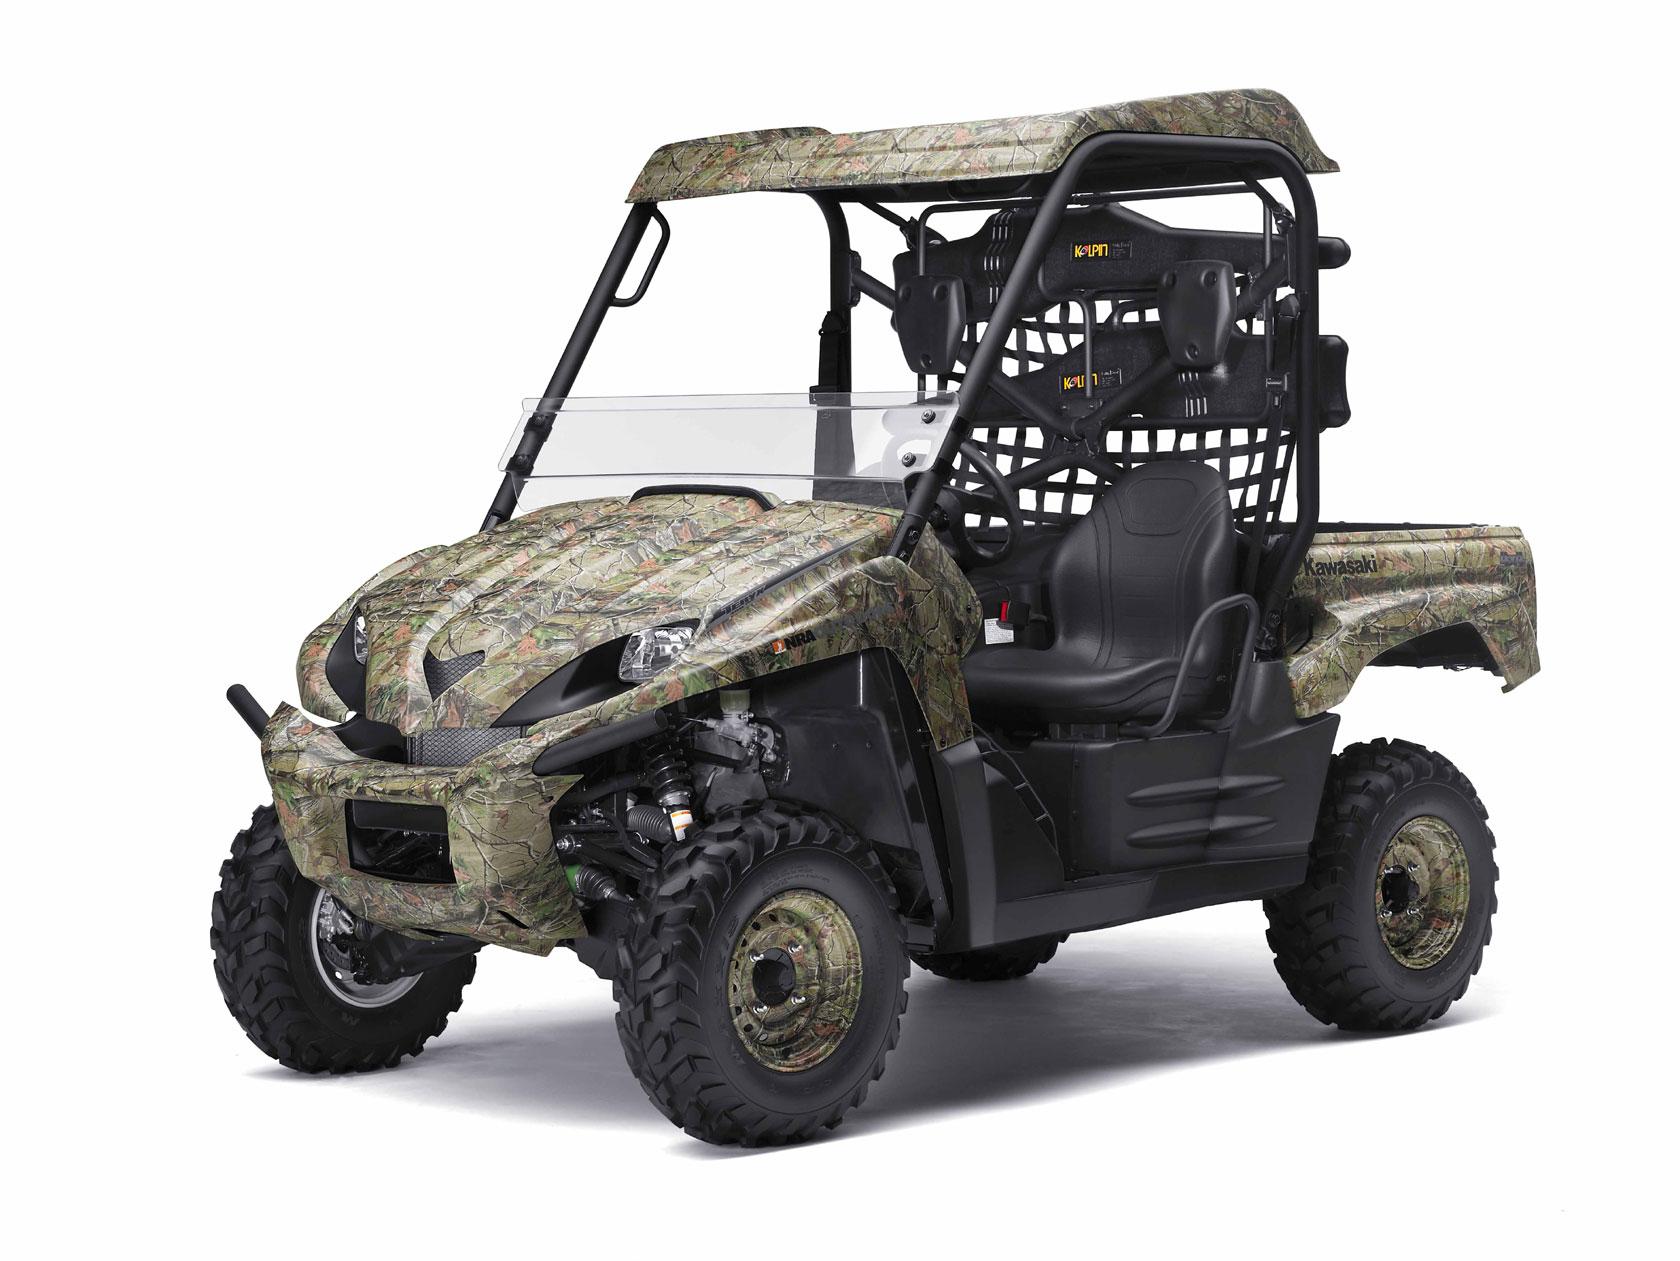 Kawasaki Teryx  X Nra Outdoors Specifications